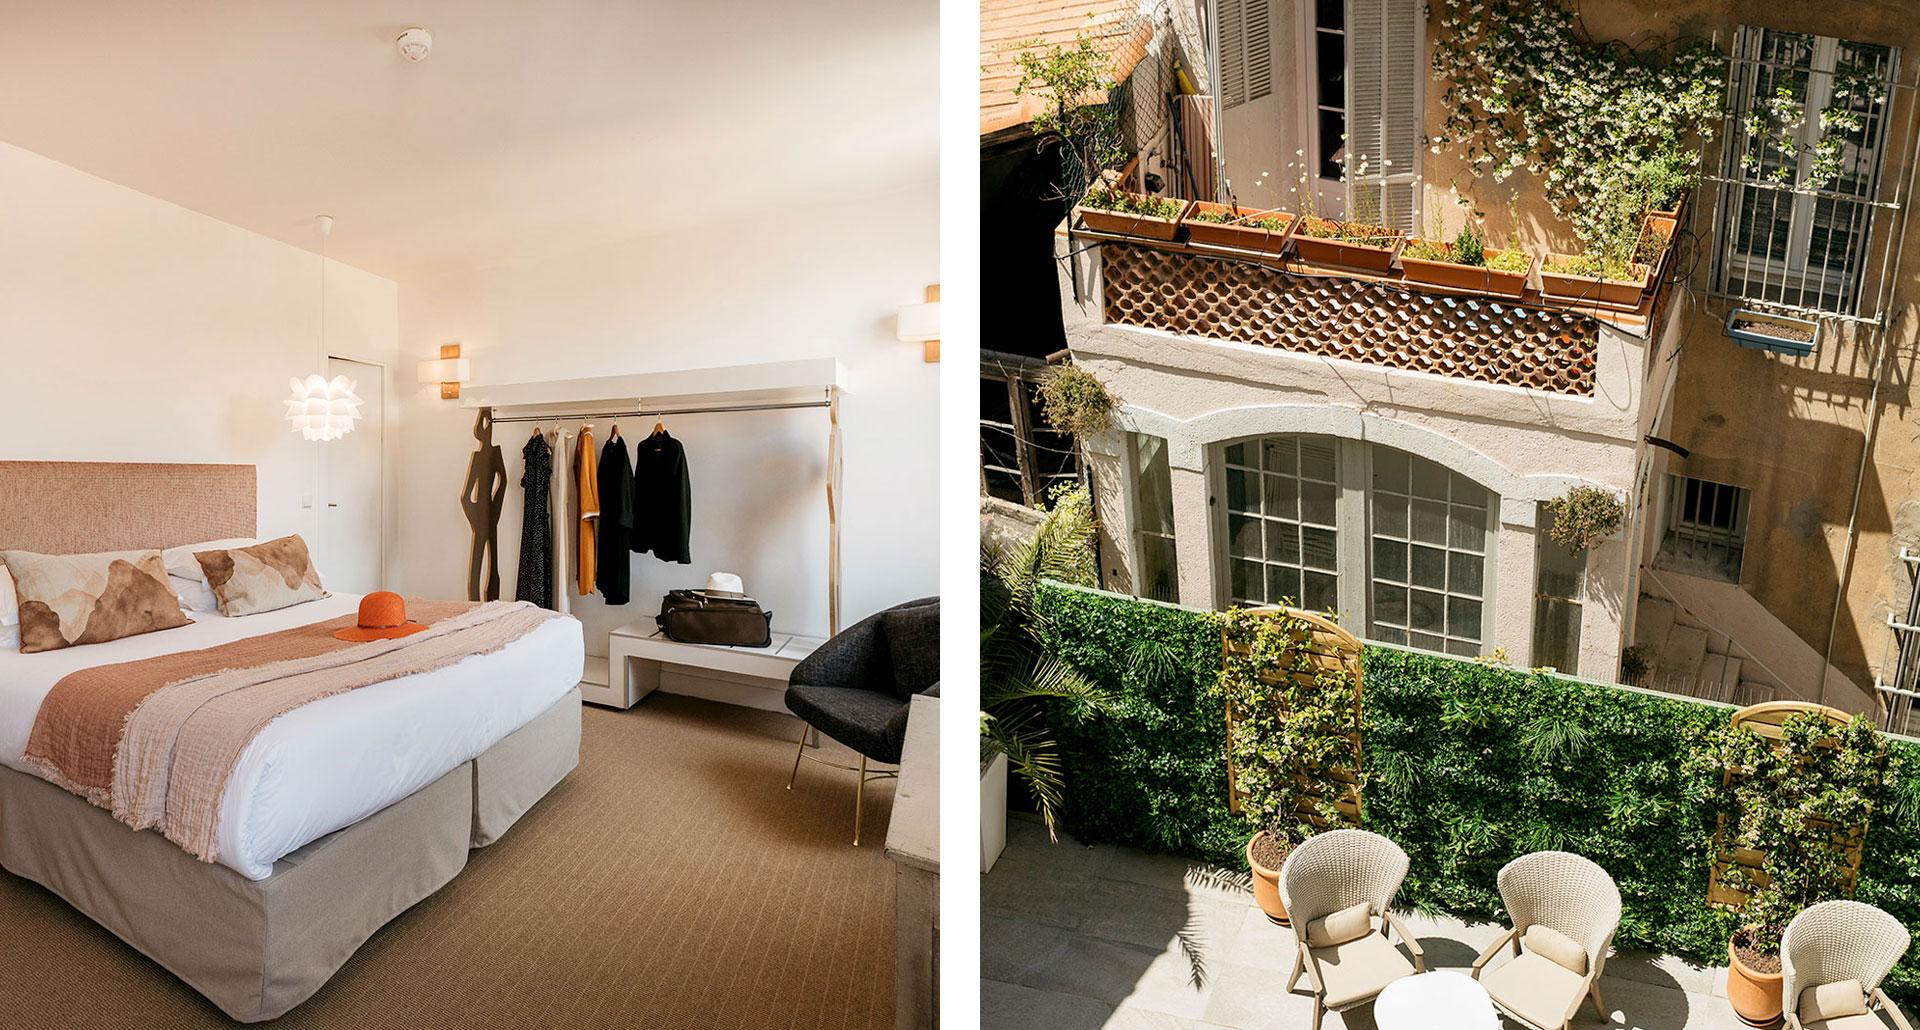 Hôtel Cézanne - boutique hotel in Aix-en-Provence